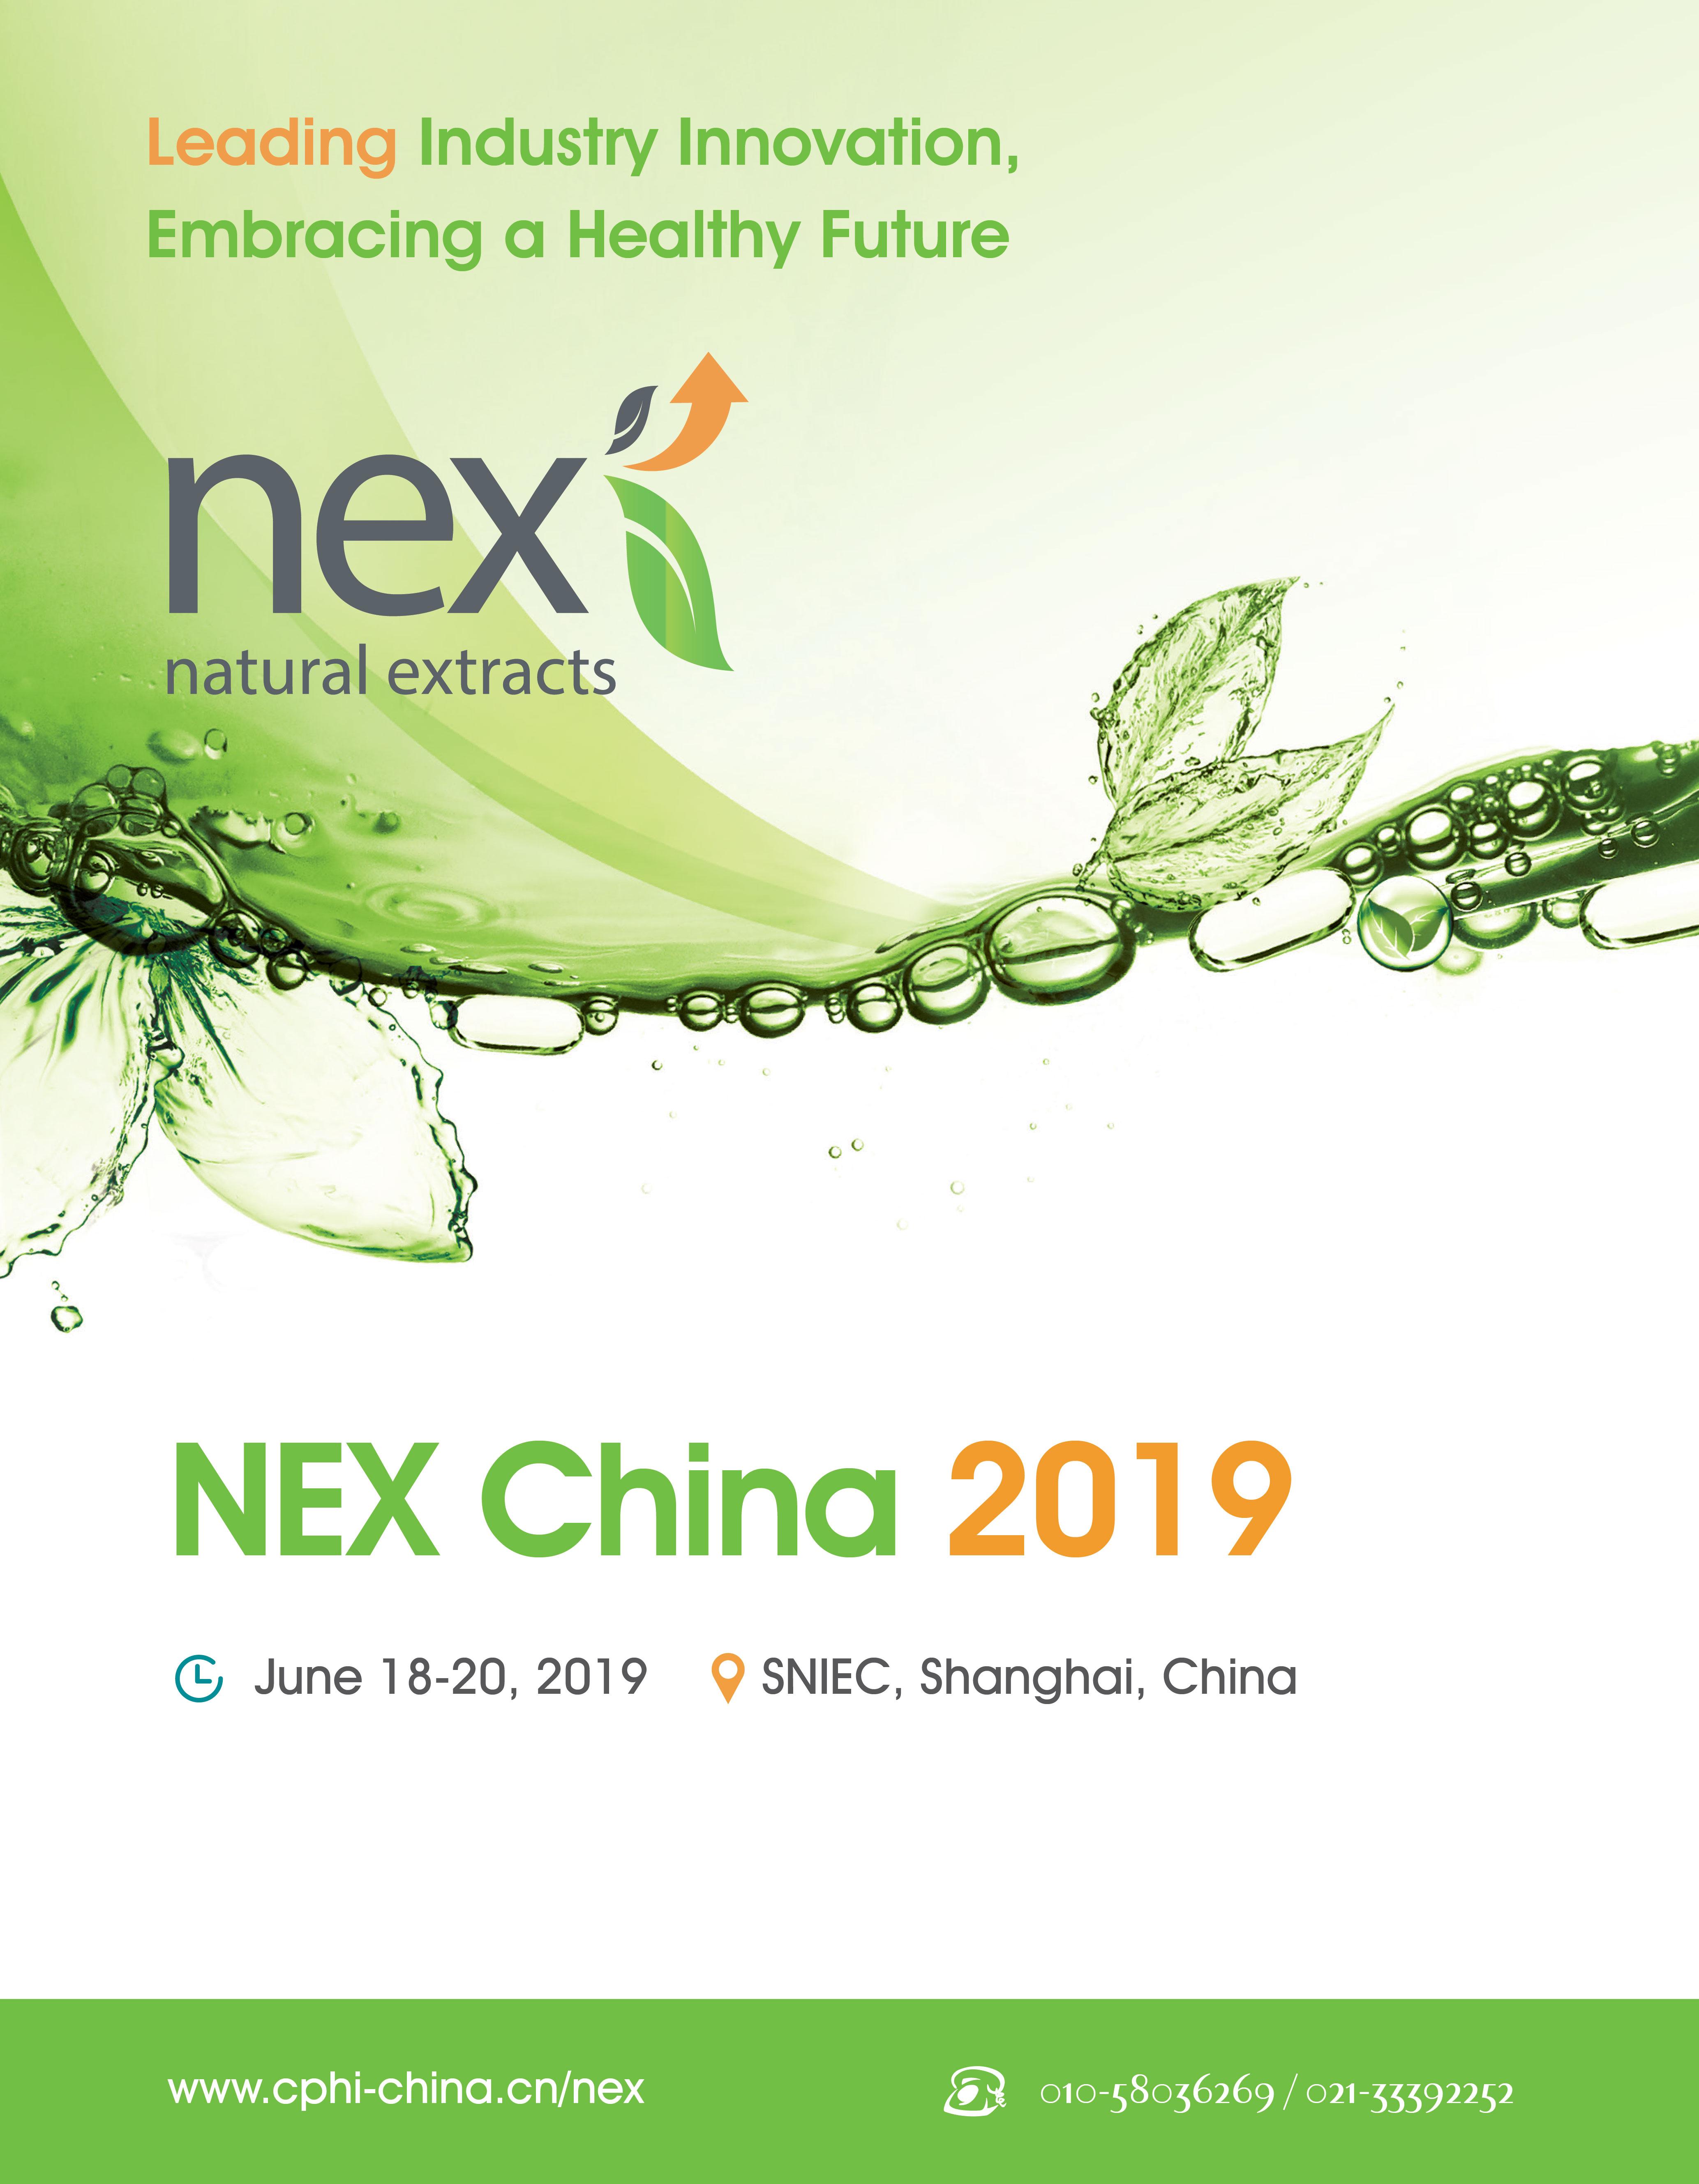 NEX China 2019